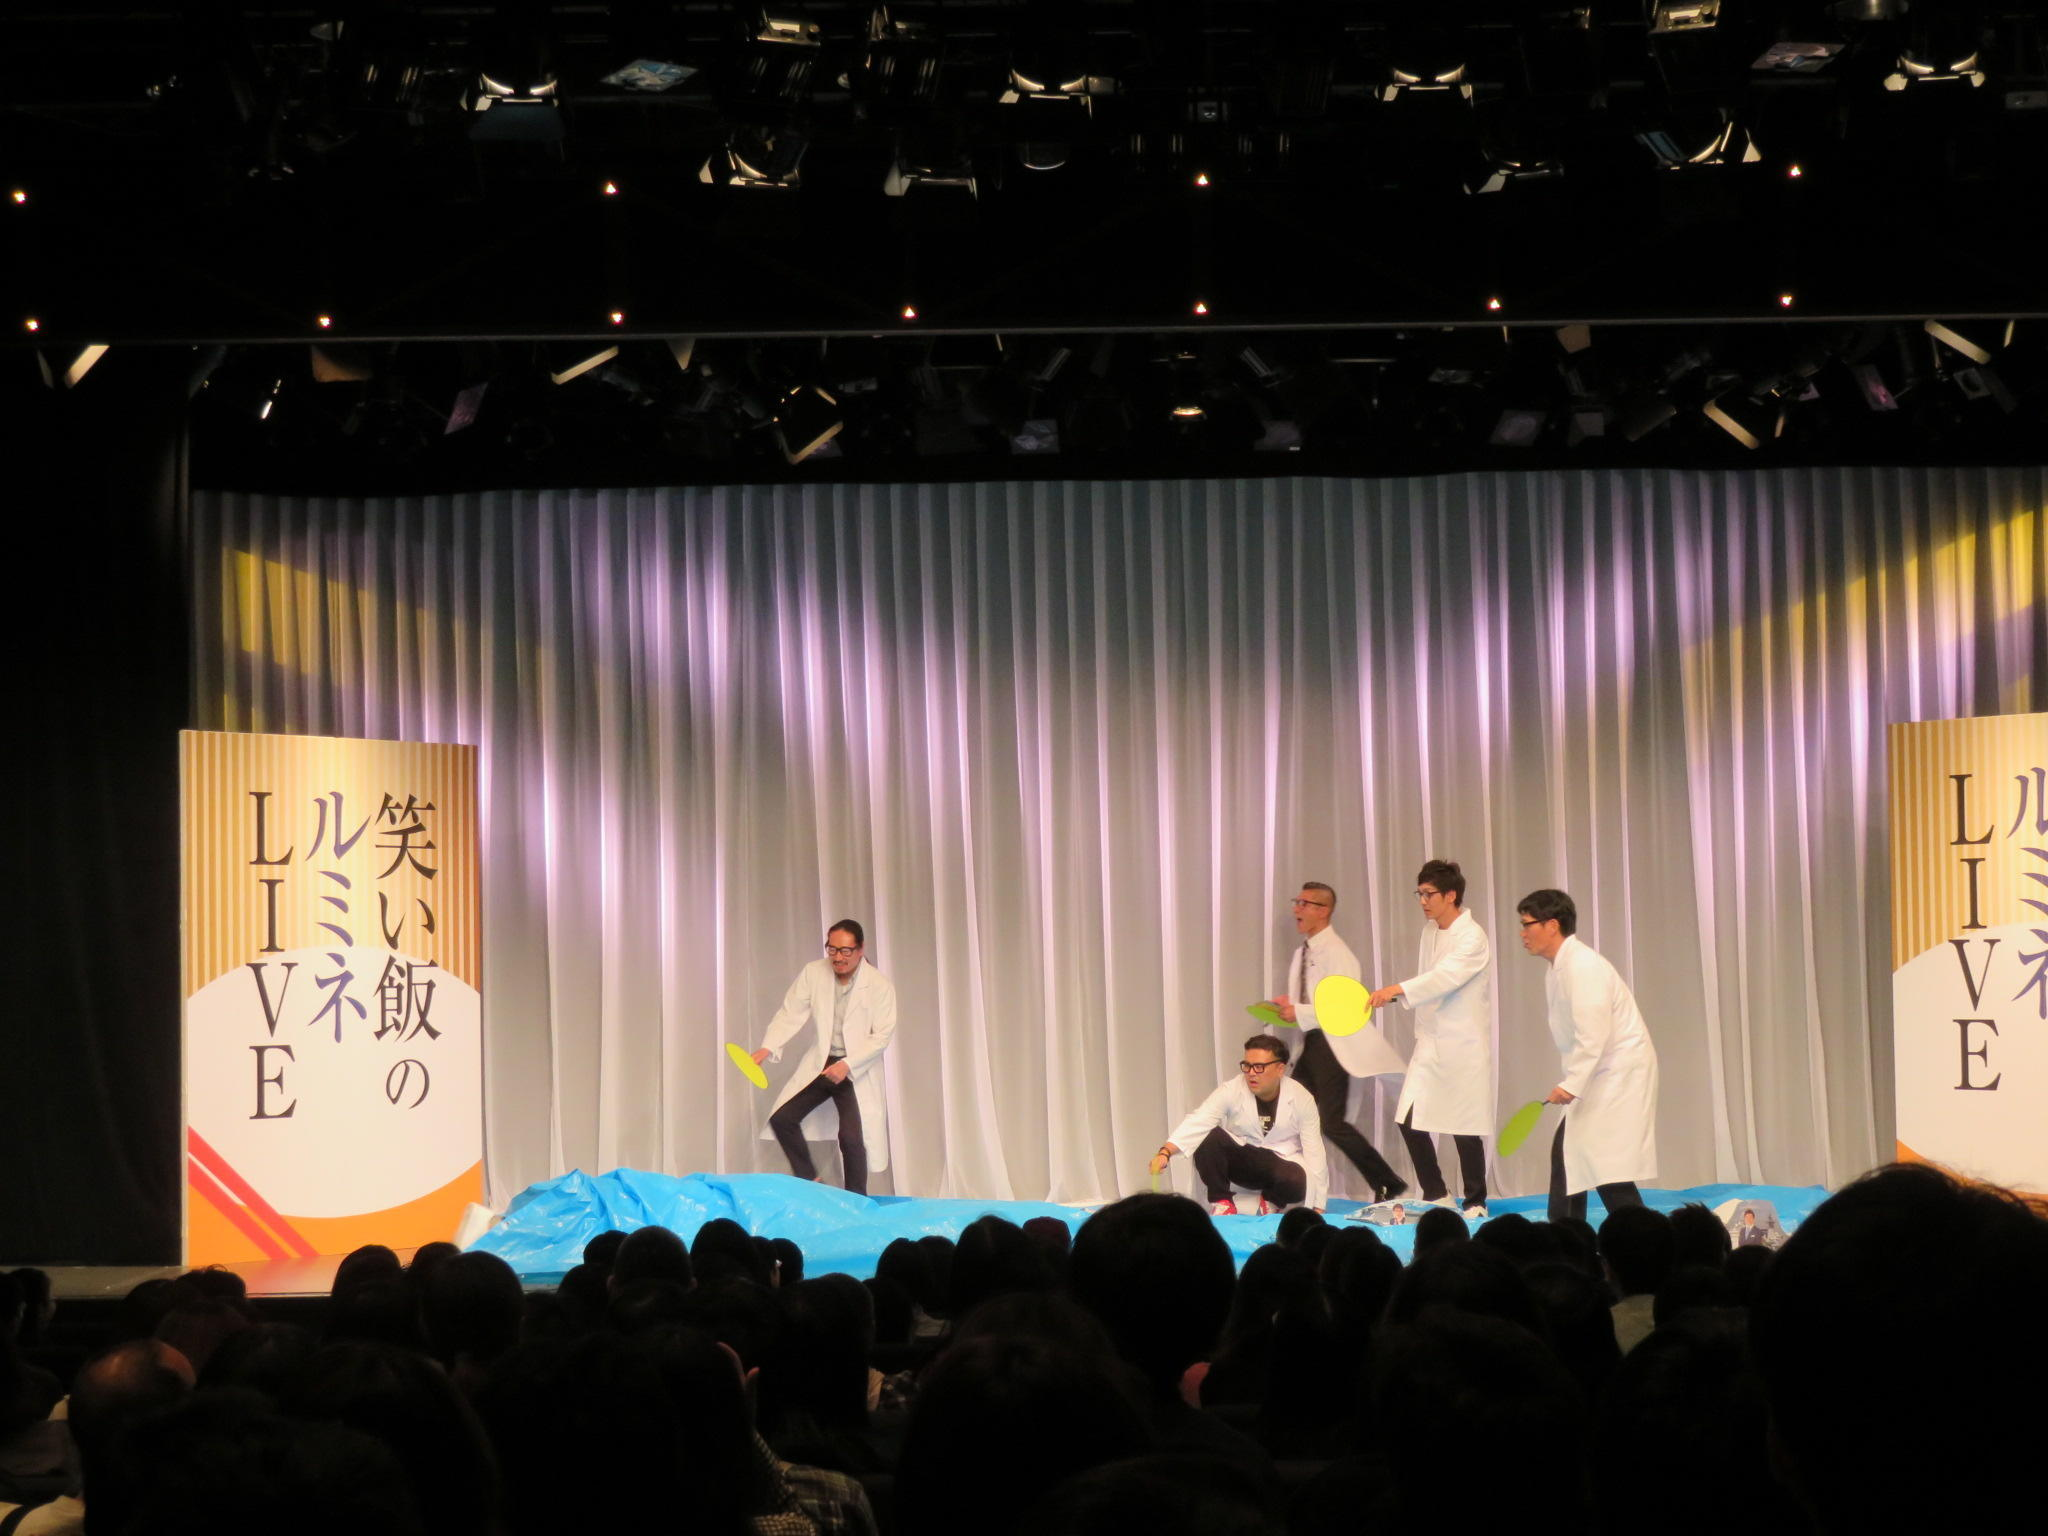 http://news.yoshimoto.co.jp/20181106000135-2ecaef2ac1dcd85d7b5d4bf208a7d576acbc2398.jpg